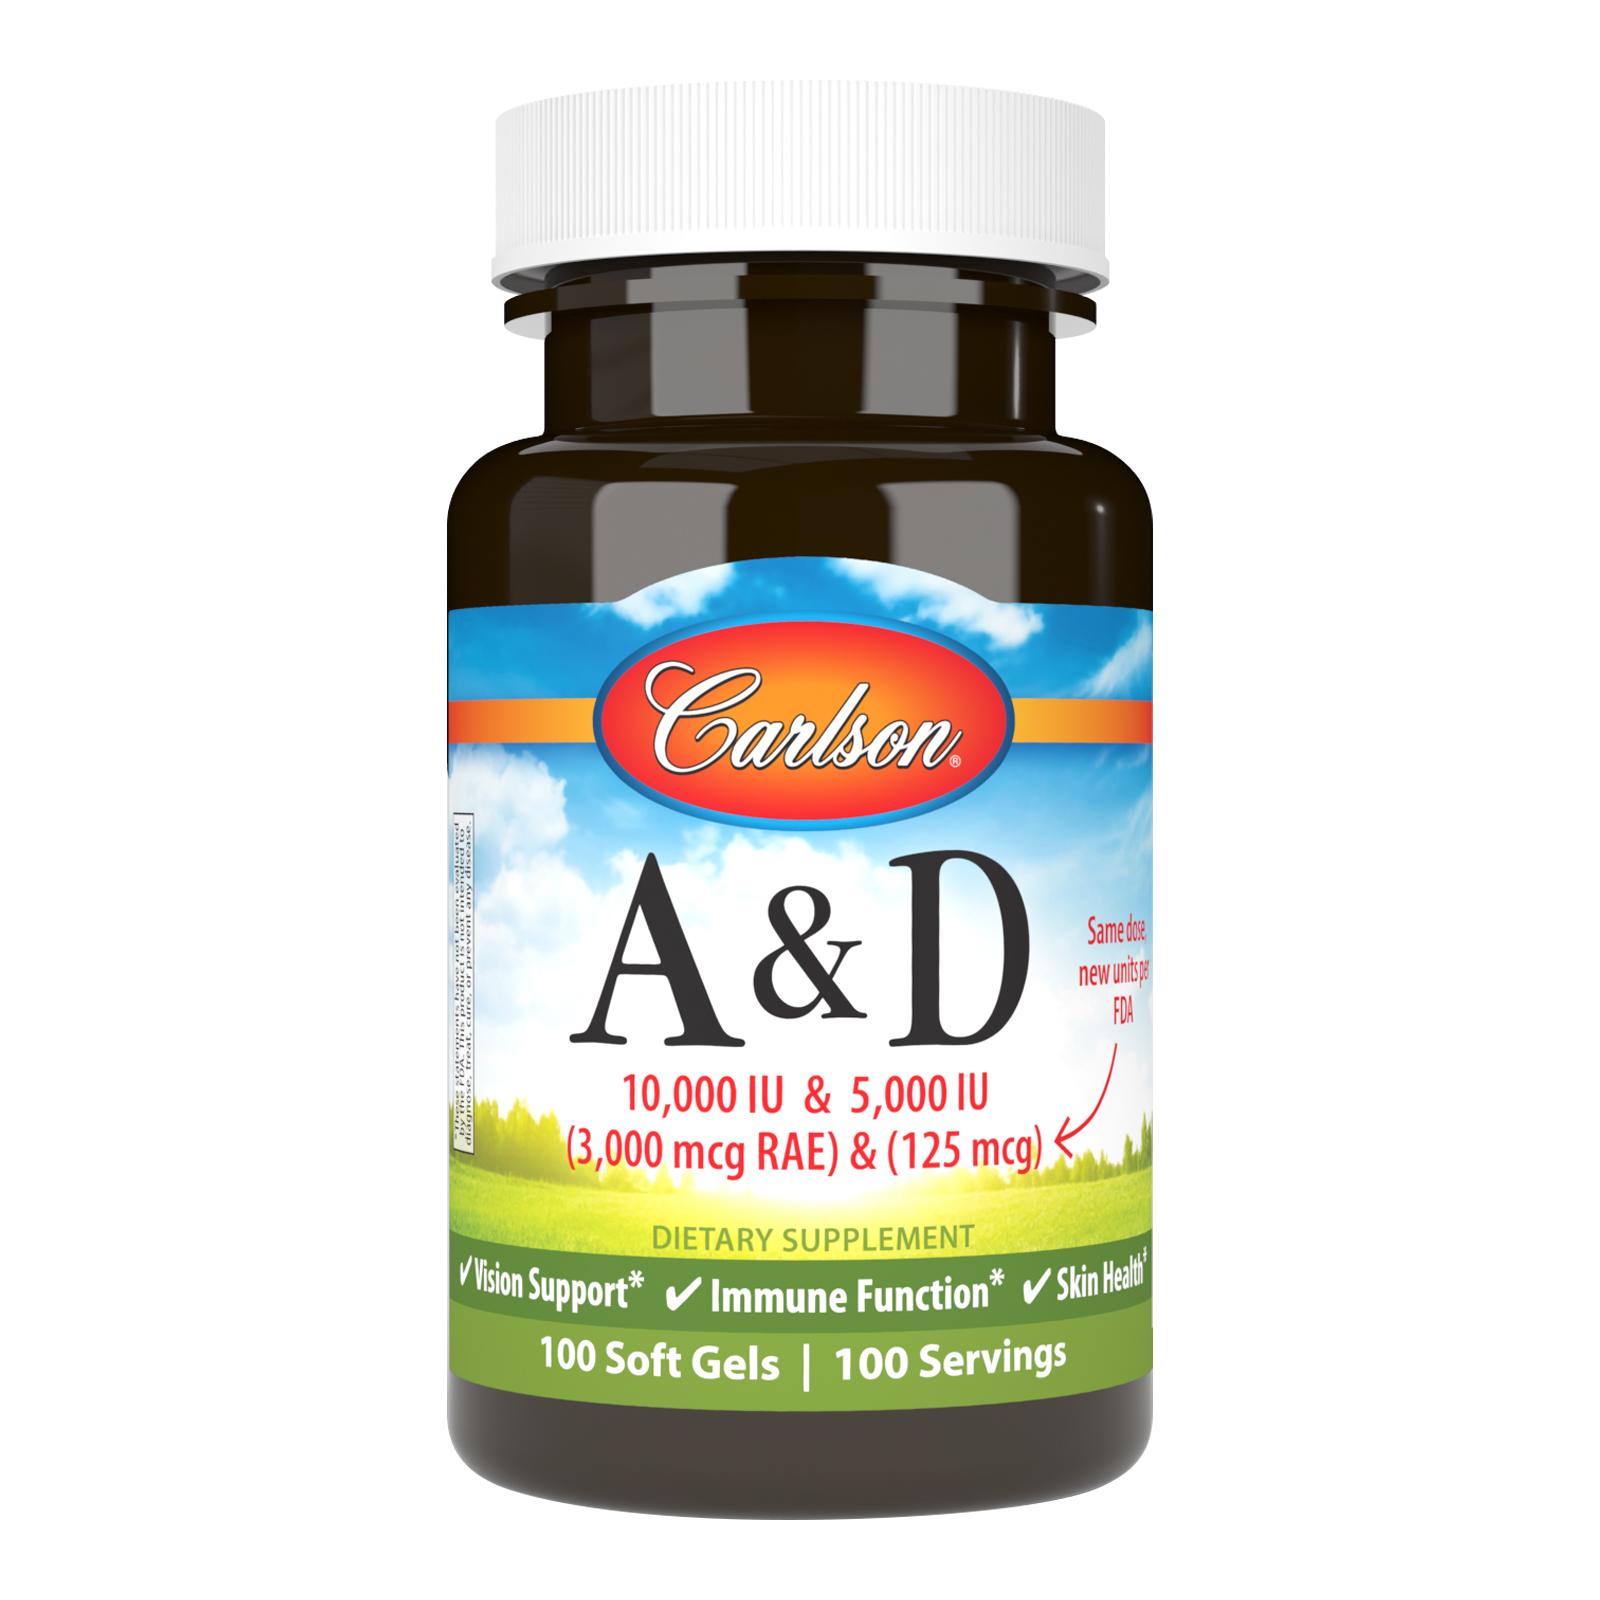 Vitamins A & D 10,000 IU + 5,000 IU